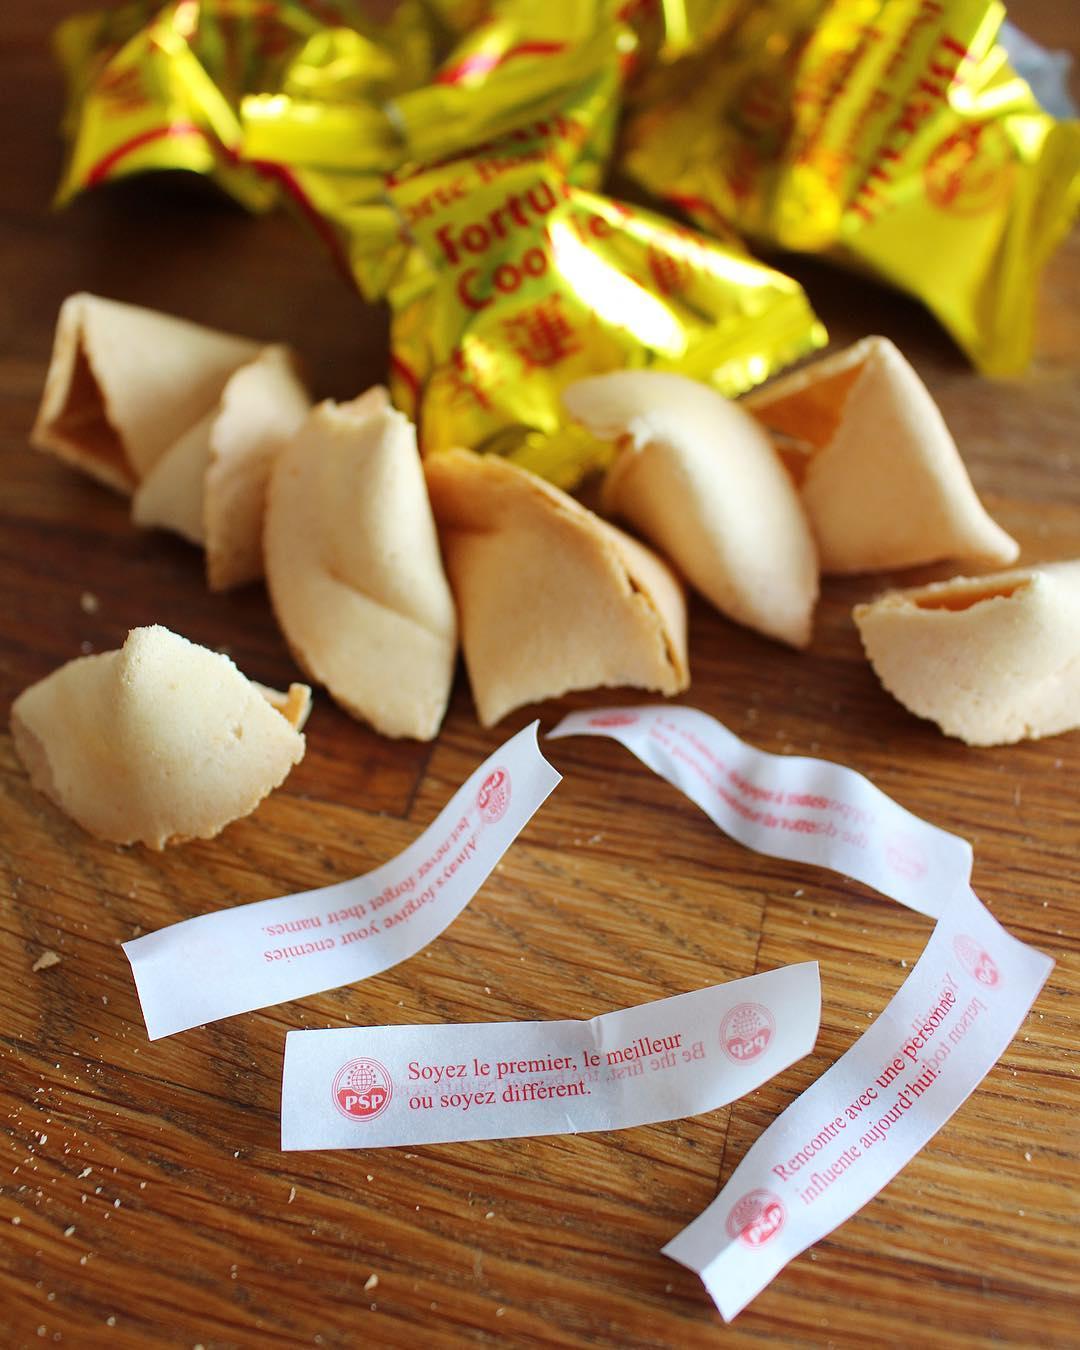 Ppppfff tous nul !! ?? Ça me rappelle les Kinders j'en ai bouffé un paquet pour avoir enfin un bon jouet... Bin là peau d'zob ! NAda ! ? I ' LL BE BACK ?? ______________ #lucky #cookies #fortunecookie #montpellier #pintademontpellier #asianfood #chinesefood #tradition